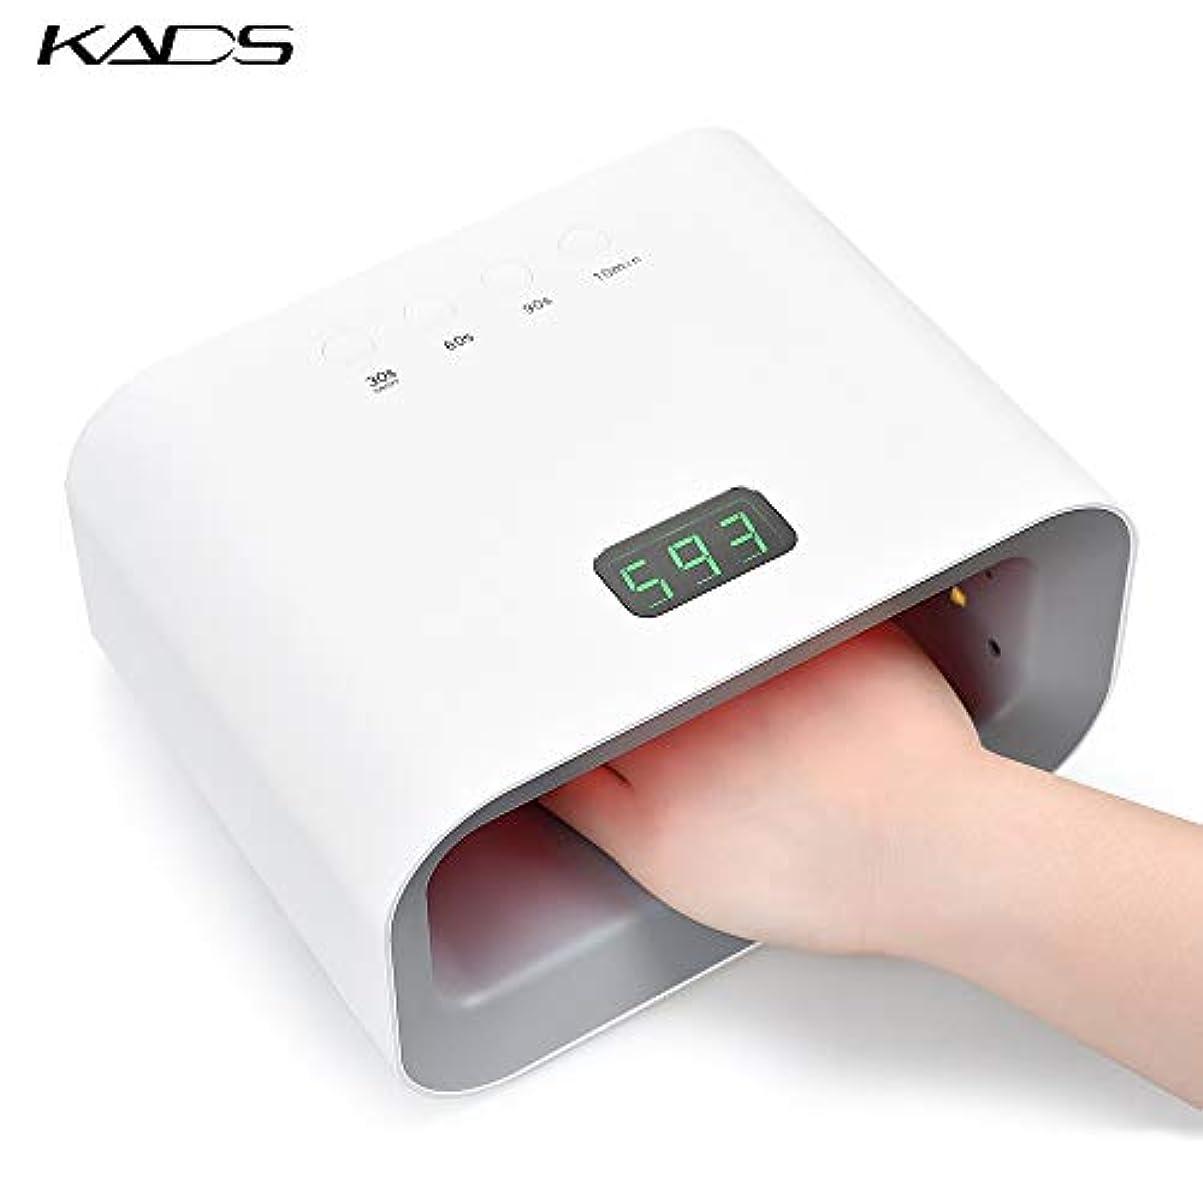 スリンク誇張共和党KADS LEDネイルドライヤー UV/LEDライト 90W 美白機能付き 3段階タイマー設定 高速硬化 硬化用ライト ランプ ジェルネイル用 赤外線検知